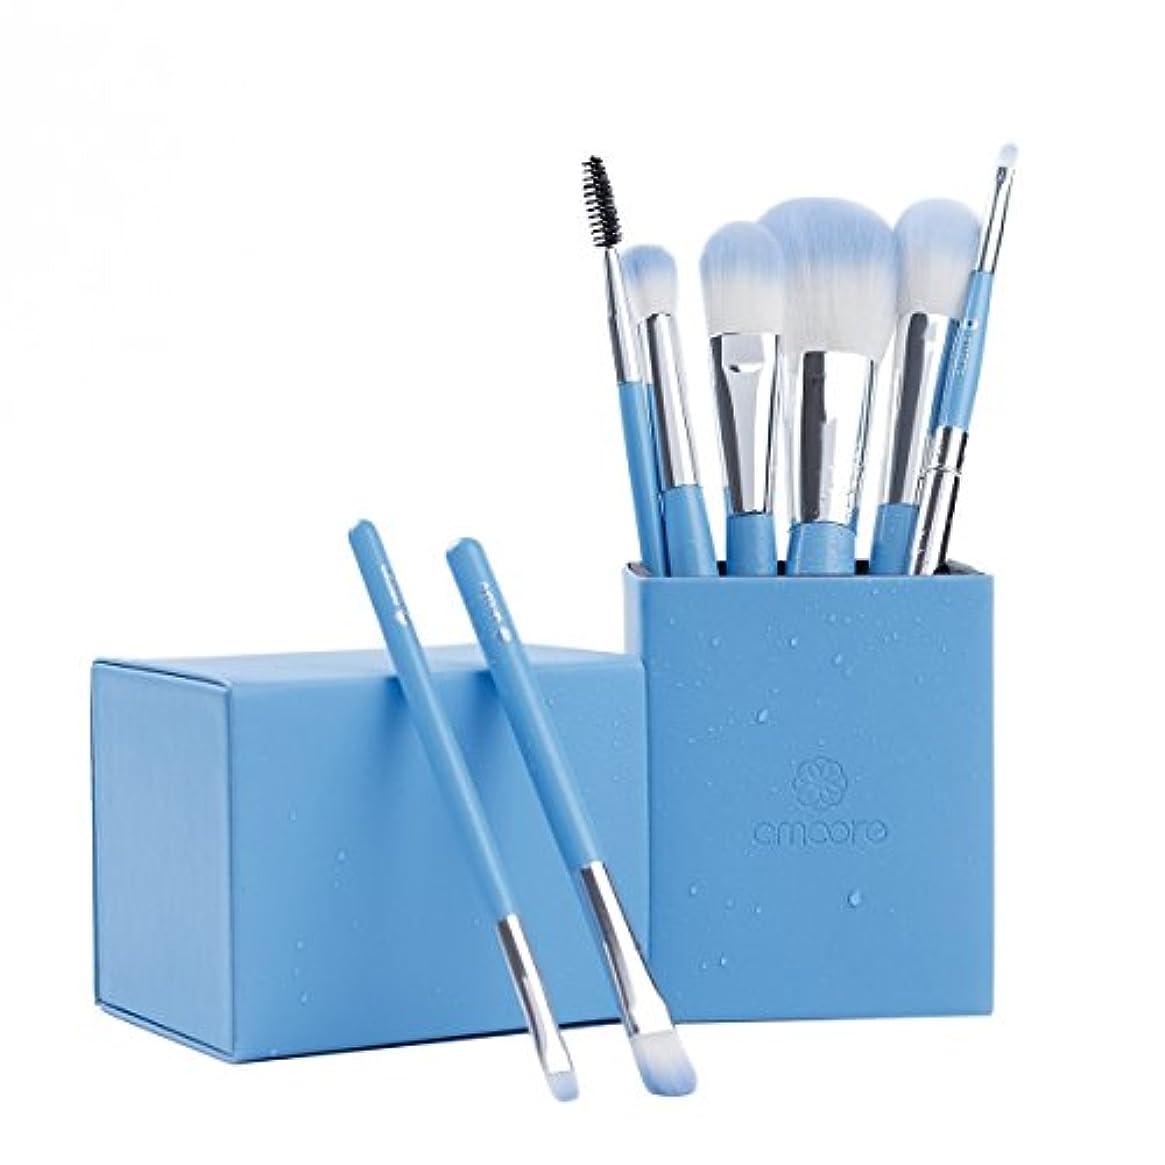 ページ注釈レースamoore 化粧筆 メイクブラシセット 化粧ブラシ セット コスメ ブラシ 収納ケース付き (8本, 水色)